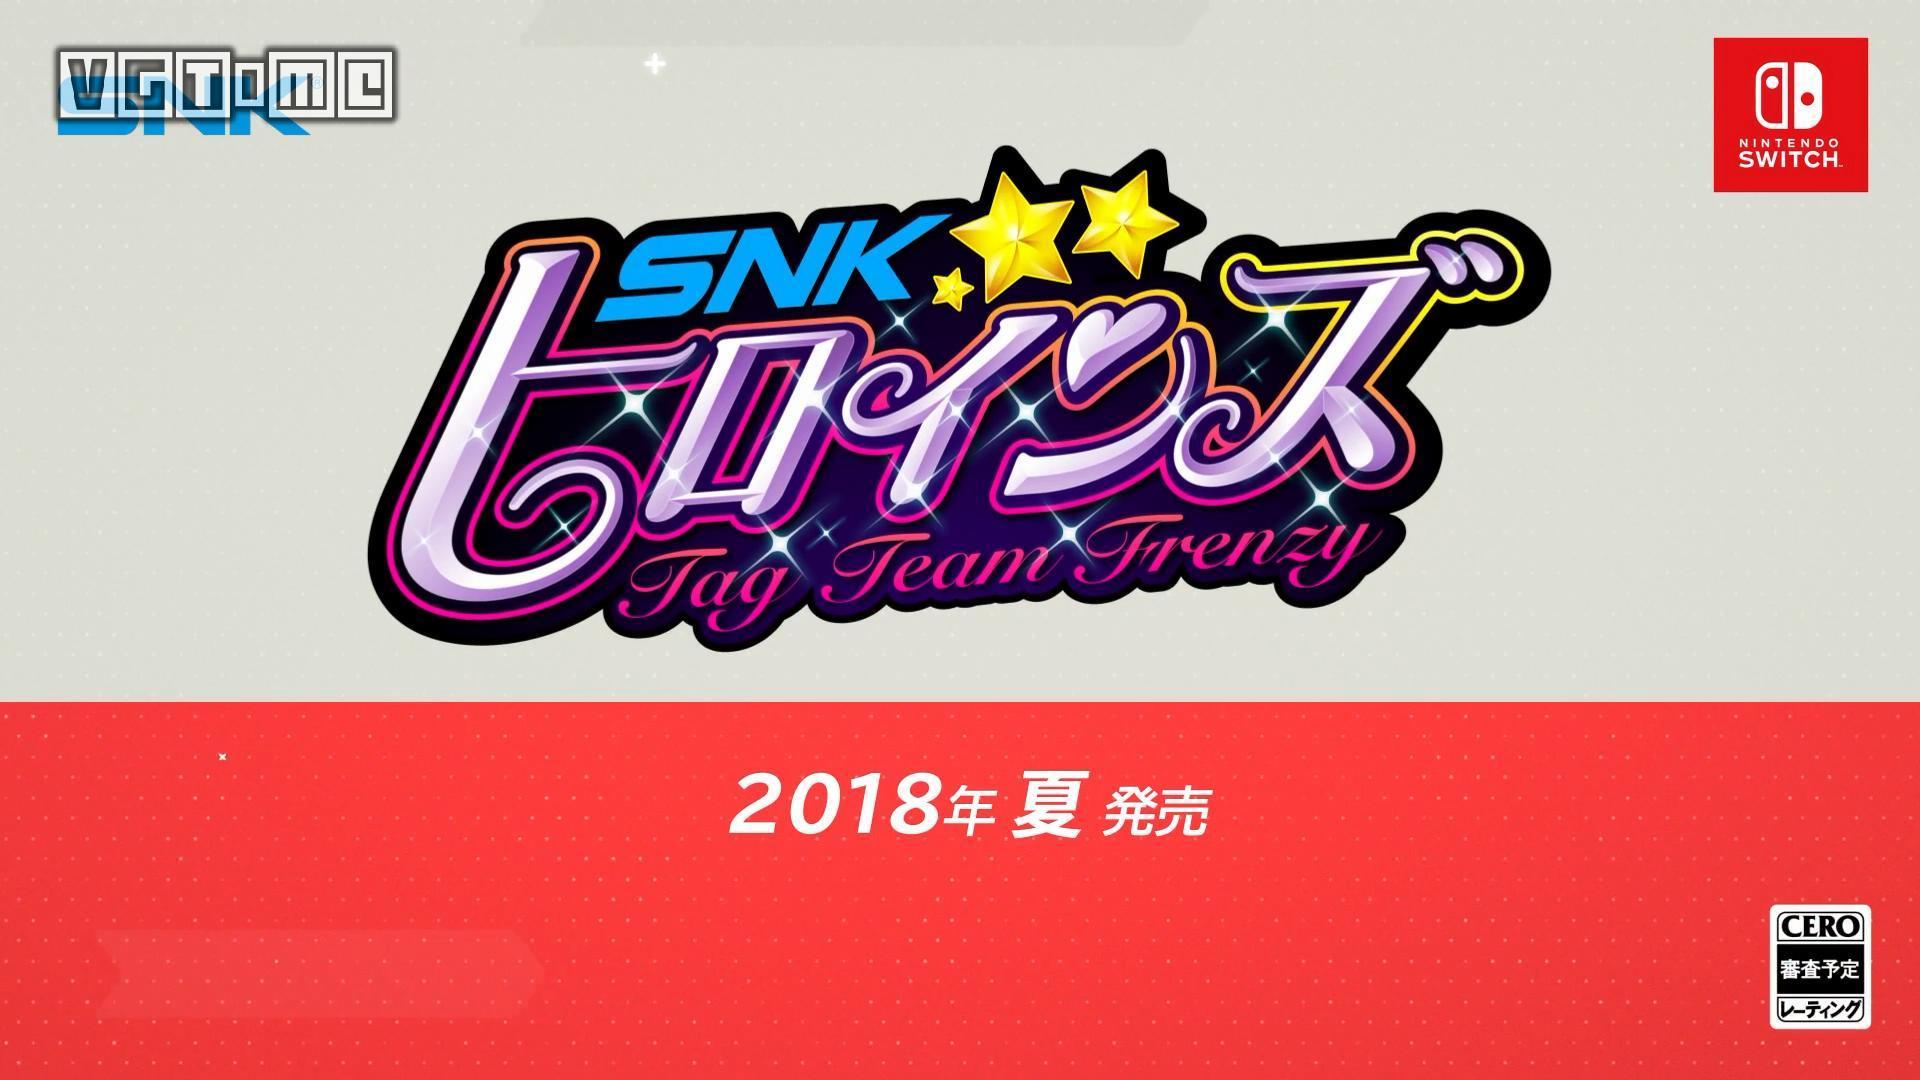 《SNK女主角:组队狂怒》正式公布 妹子角色大乱斗